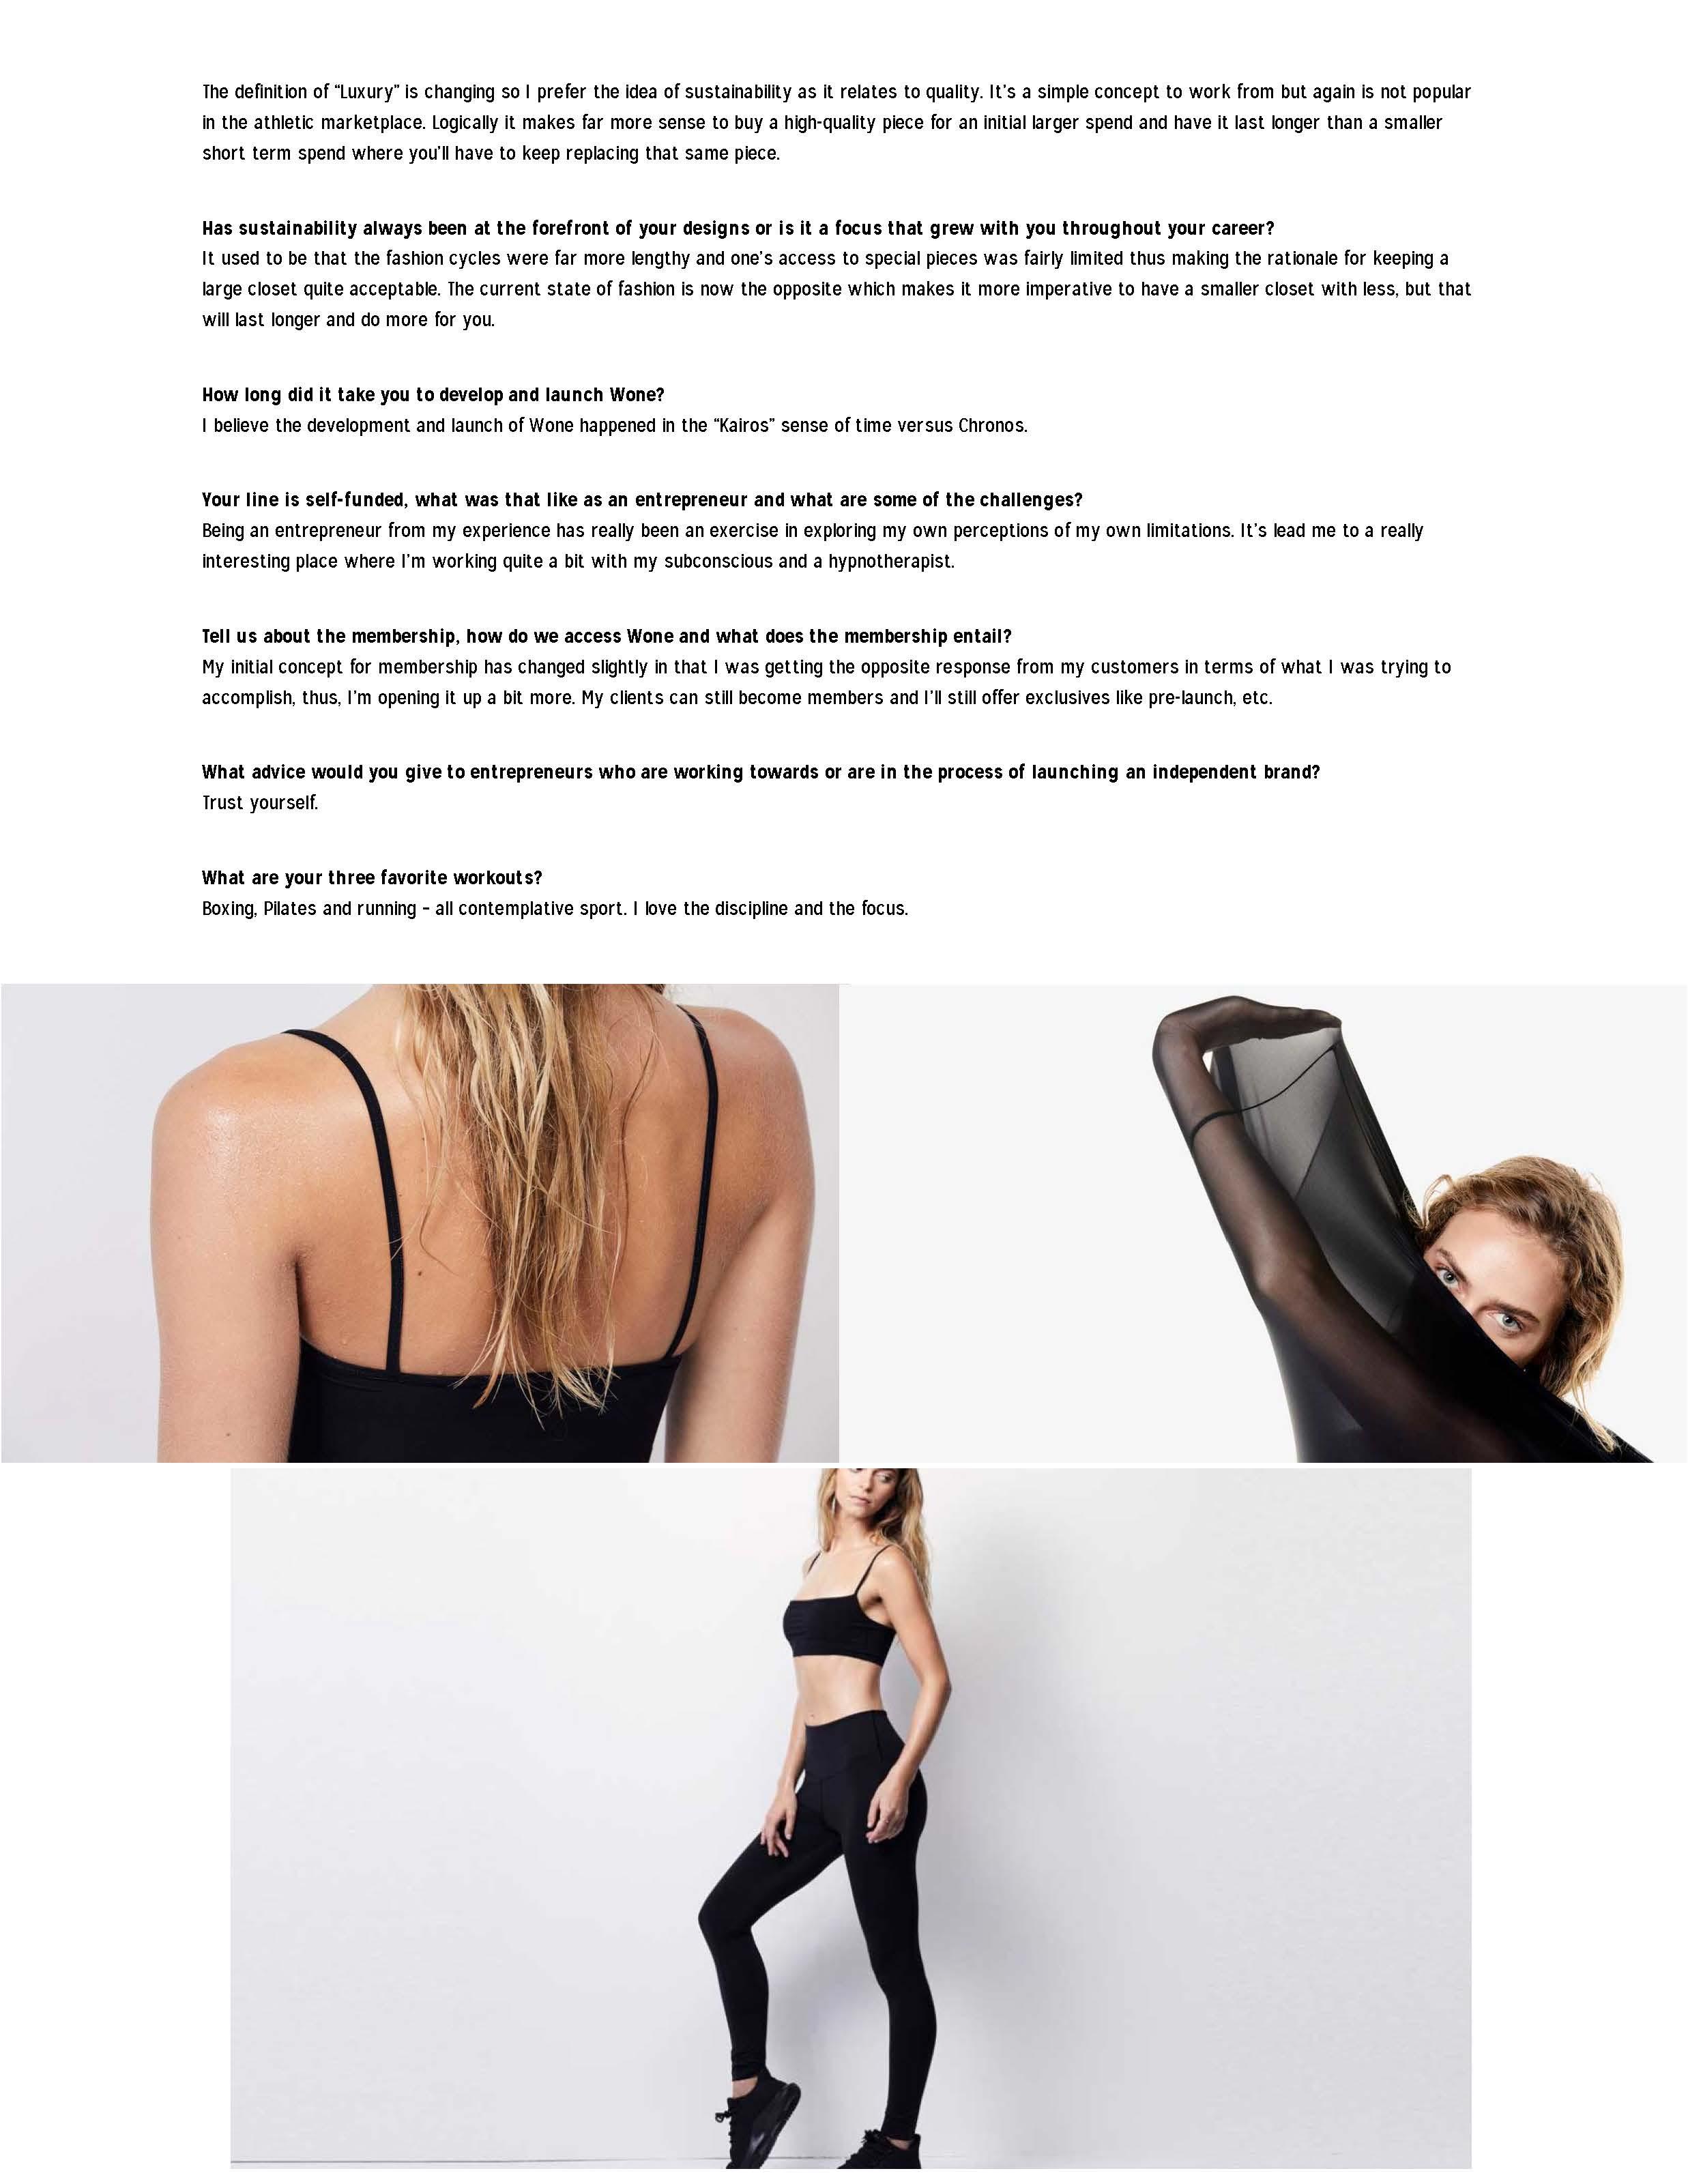 missbish-com-redefining-luxury-athletic-wear-wone-kristen-hildebrand-DiandraBarsalou-author_Page_2.jpg